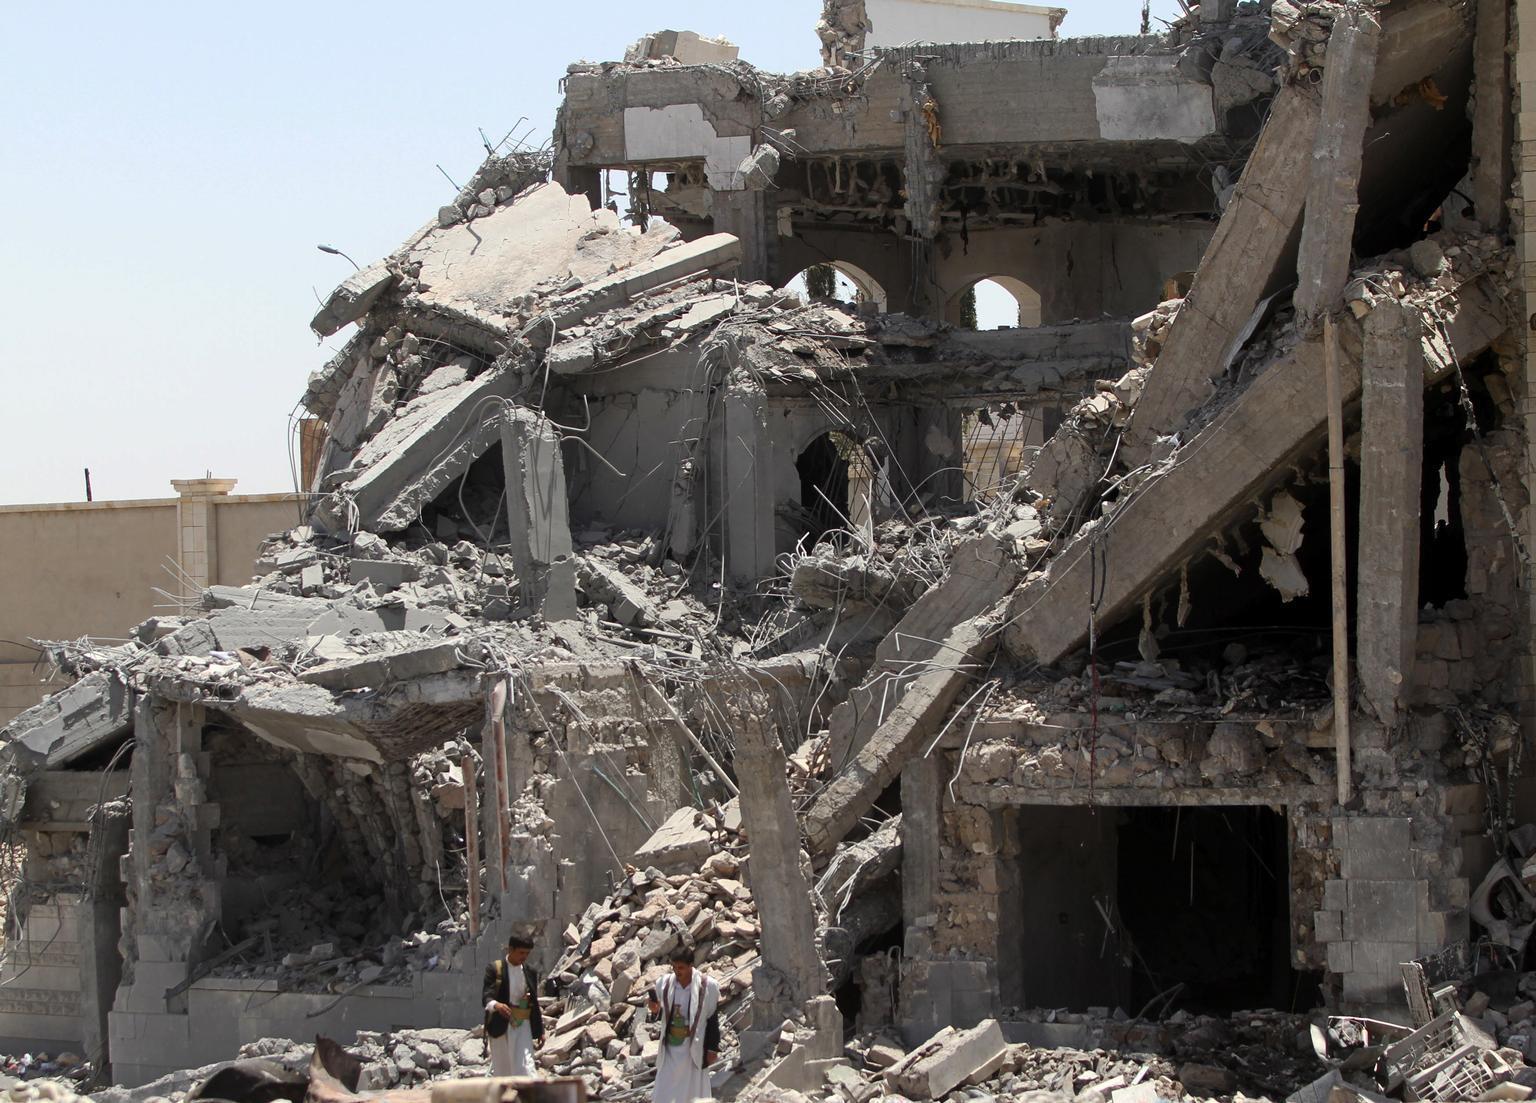 Bild zu Sanaa, Schule, Zerstörung